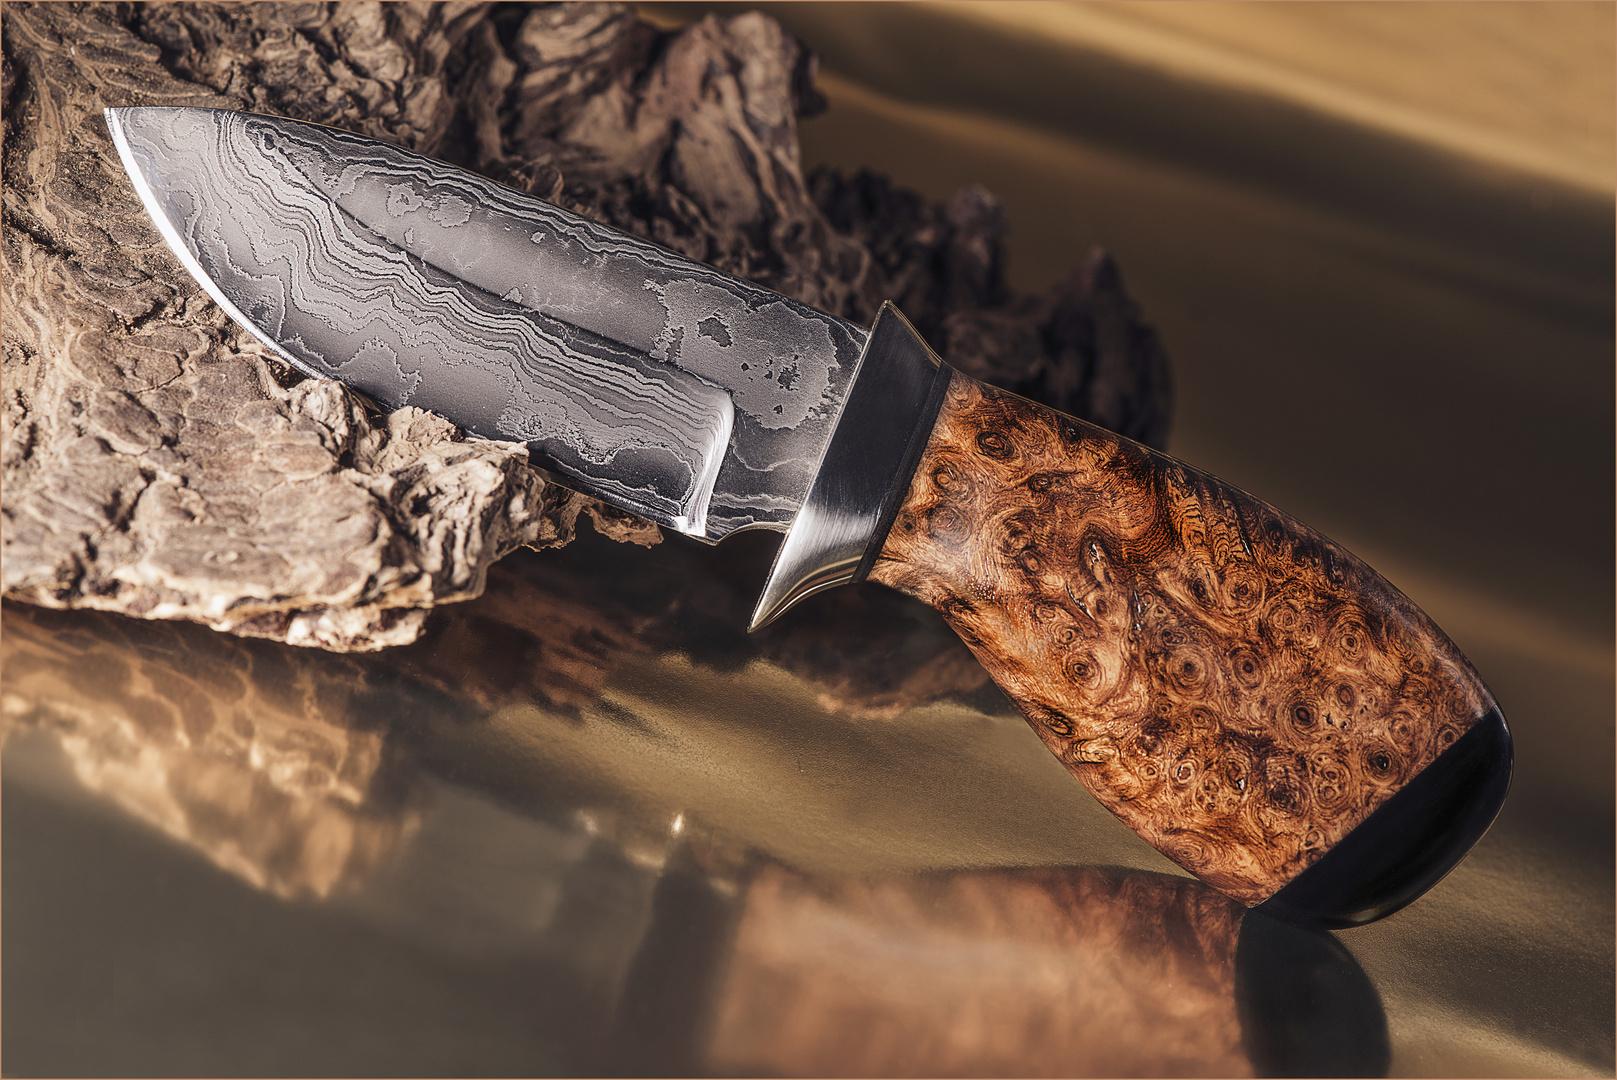 Messer, Waffe und Werkzeug